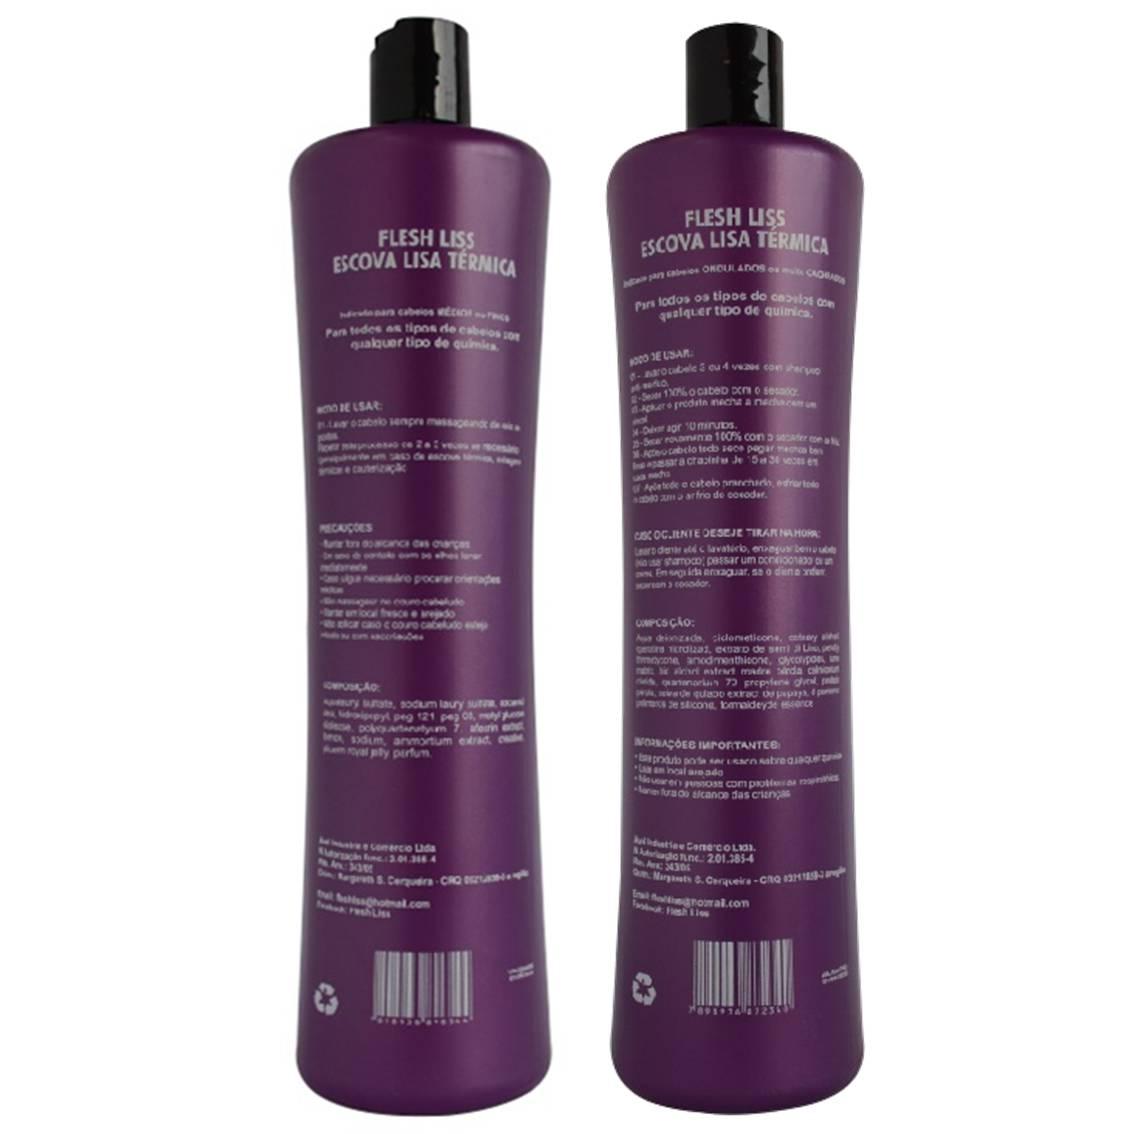 Escova Progressiva Gloss Flesh Liss - Shampoo e Ativo